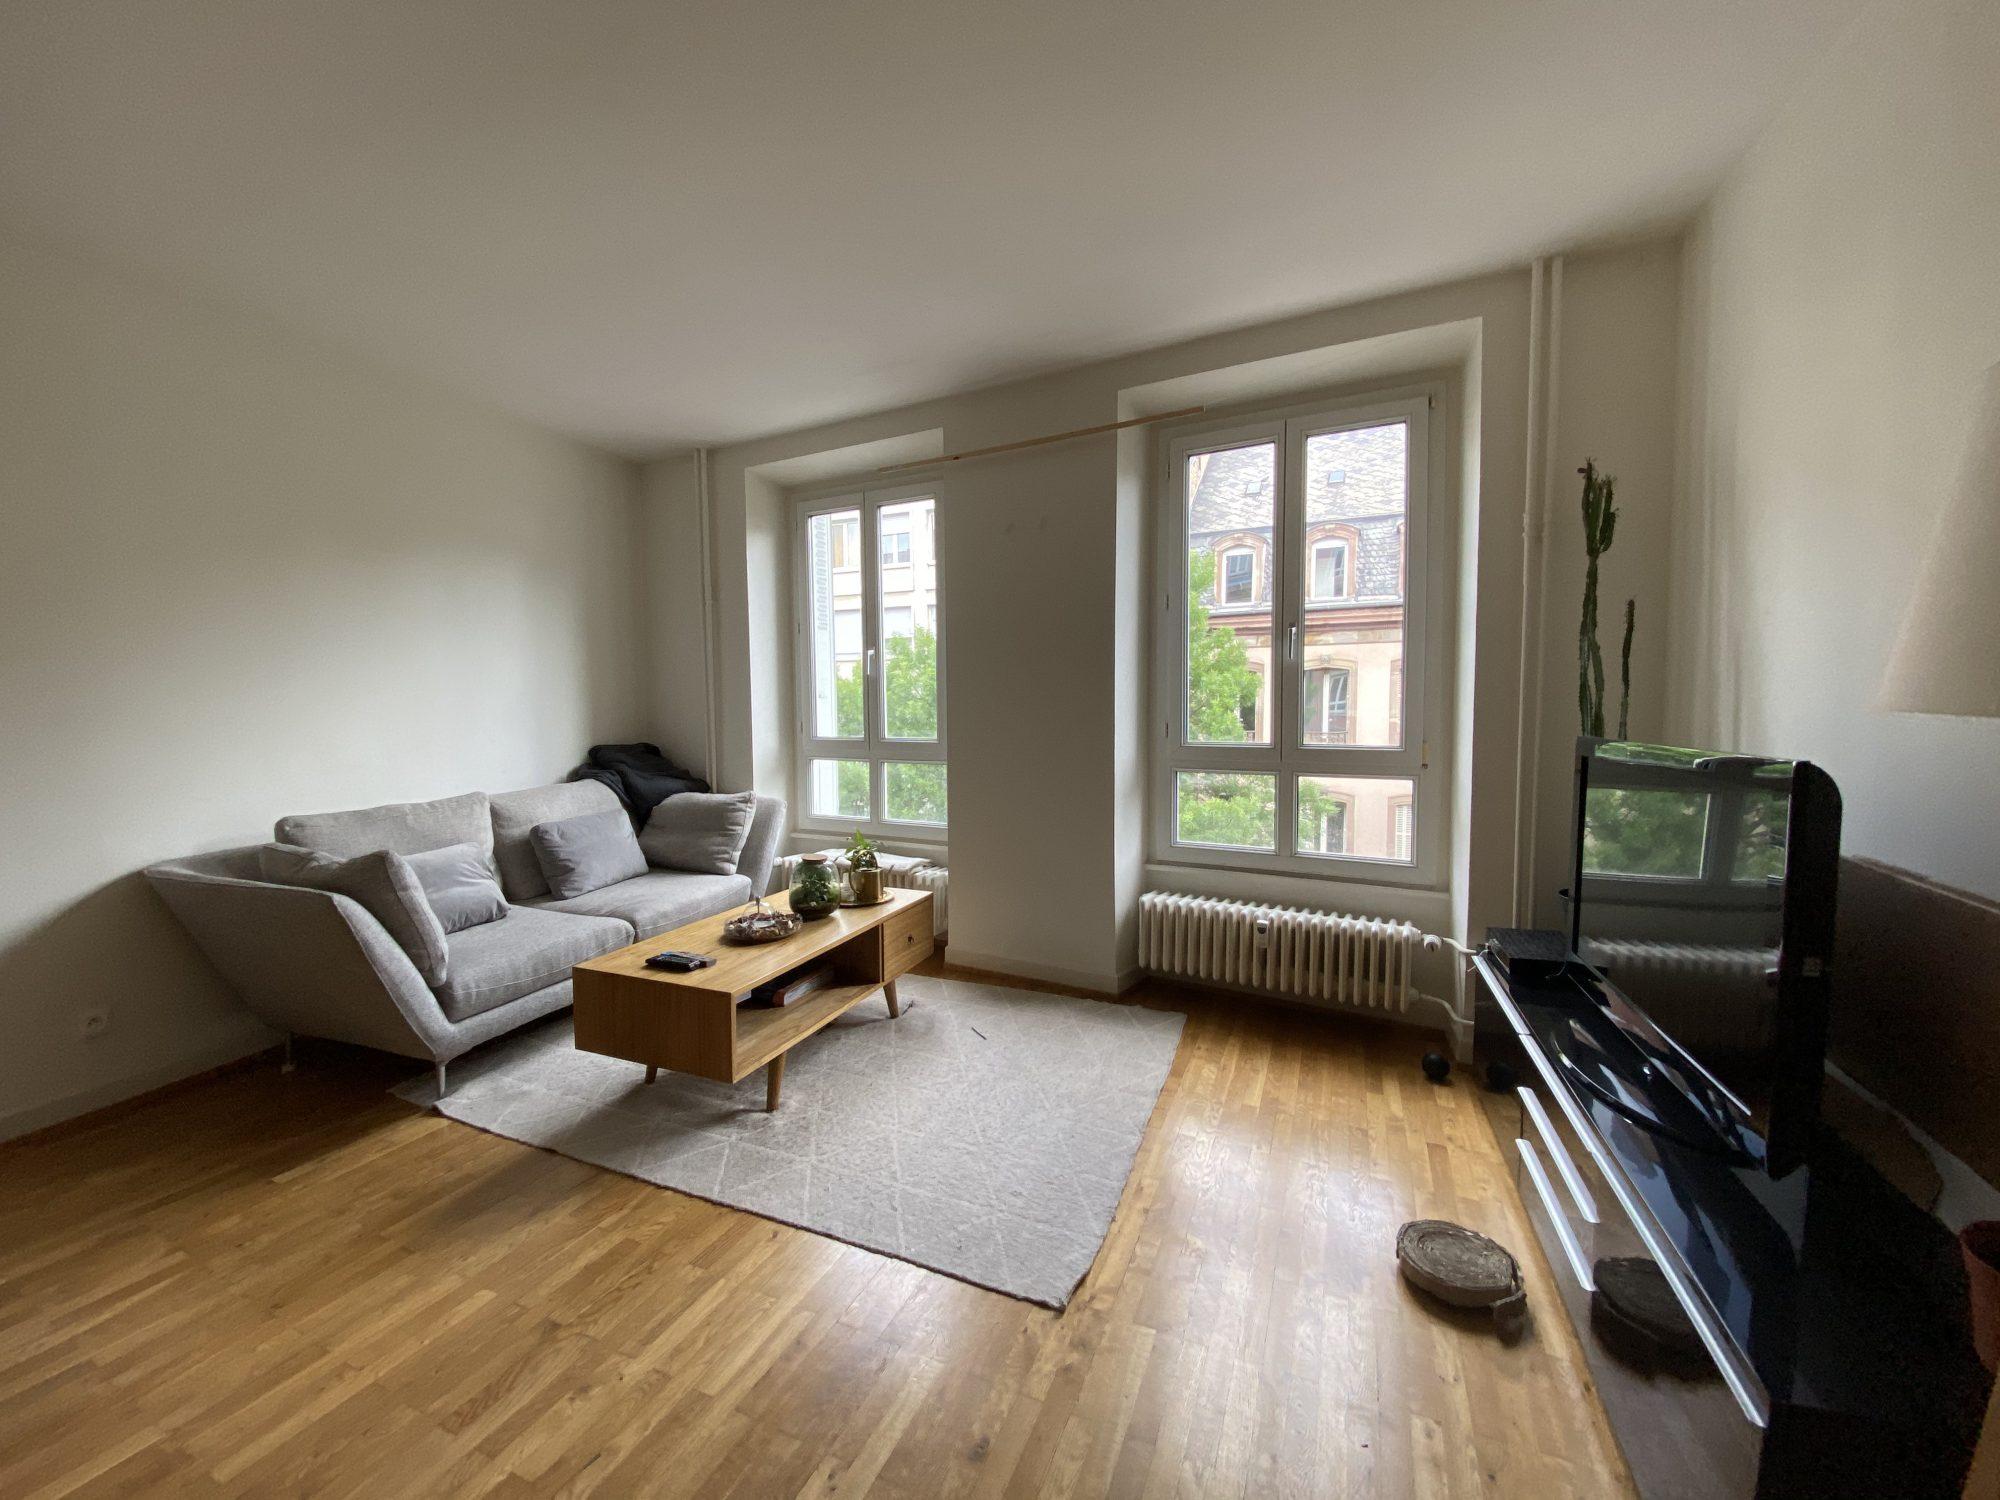 Grand 3 pièces HYPERCENTRE - Devenez locataire en toute sérénité - Bintz Immobilier - 16